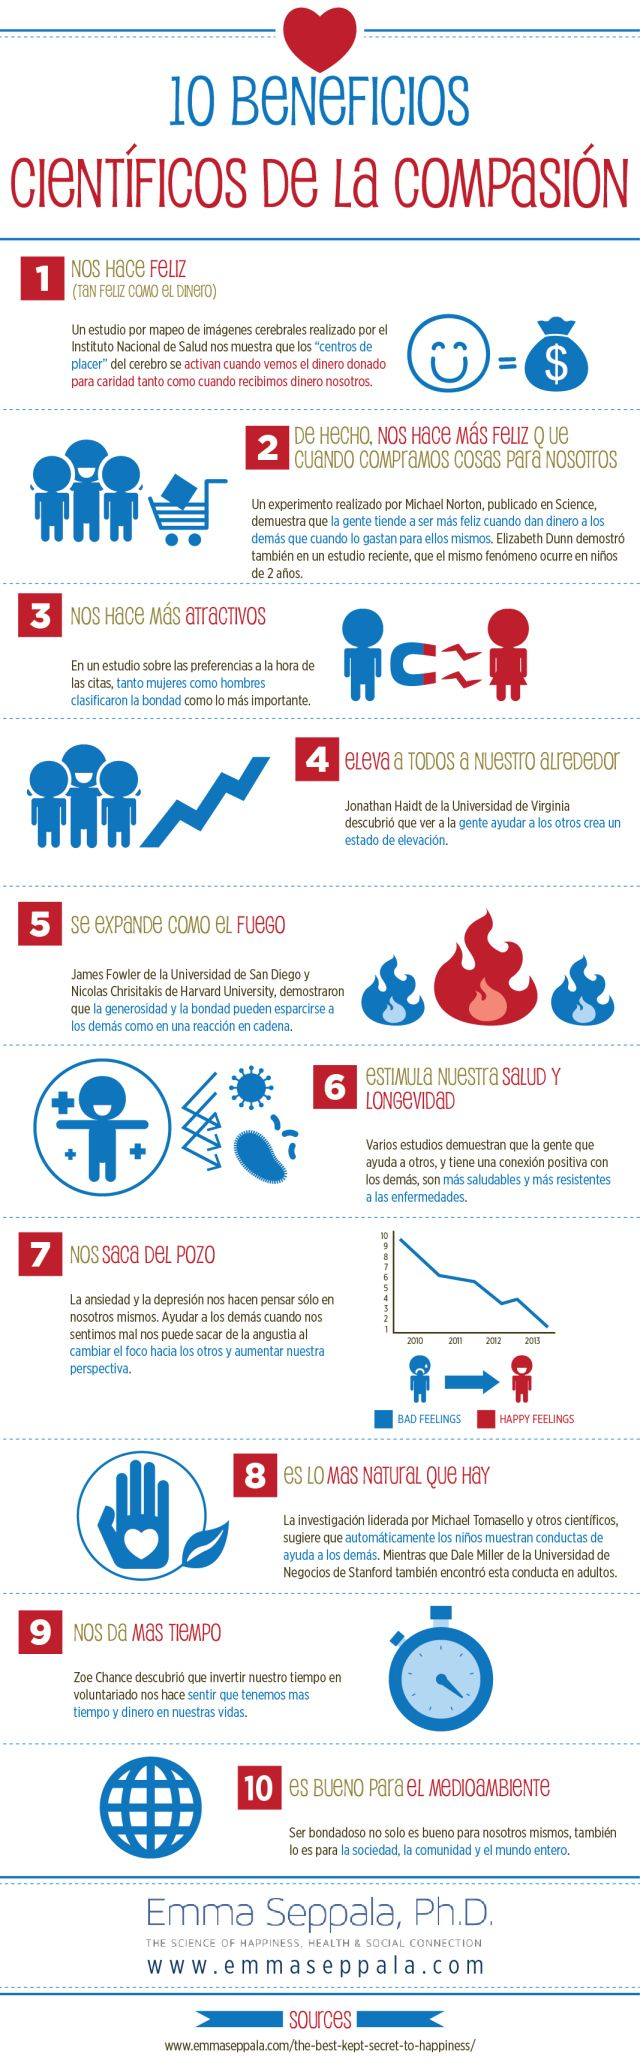 10 beneficios científicos de la compasión